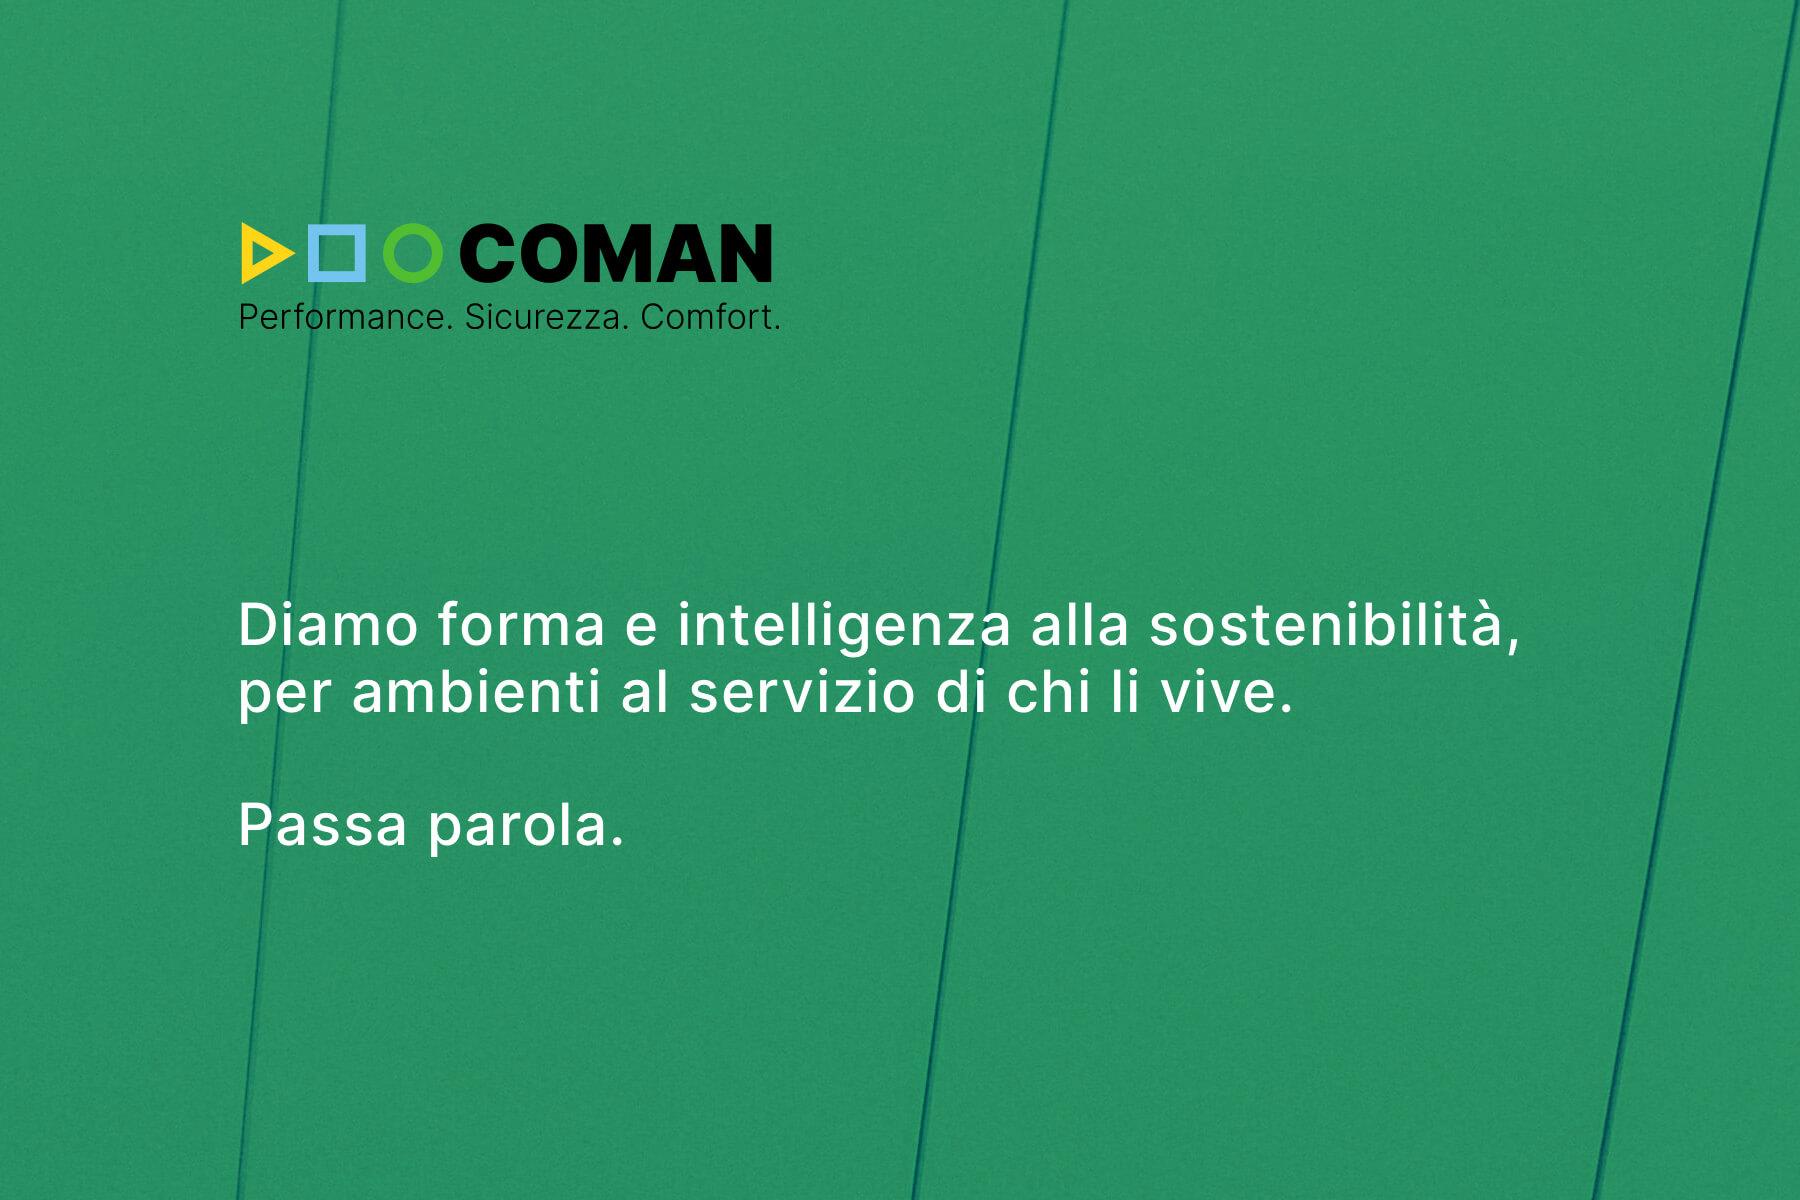 Claim Coman: Diamo forma e intelligenza alla sostenibilità, per ambienti al servizio di chi li vive. Passa parola.